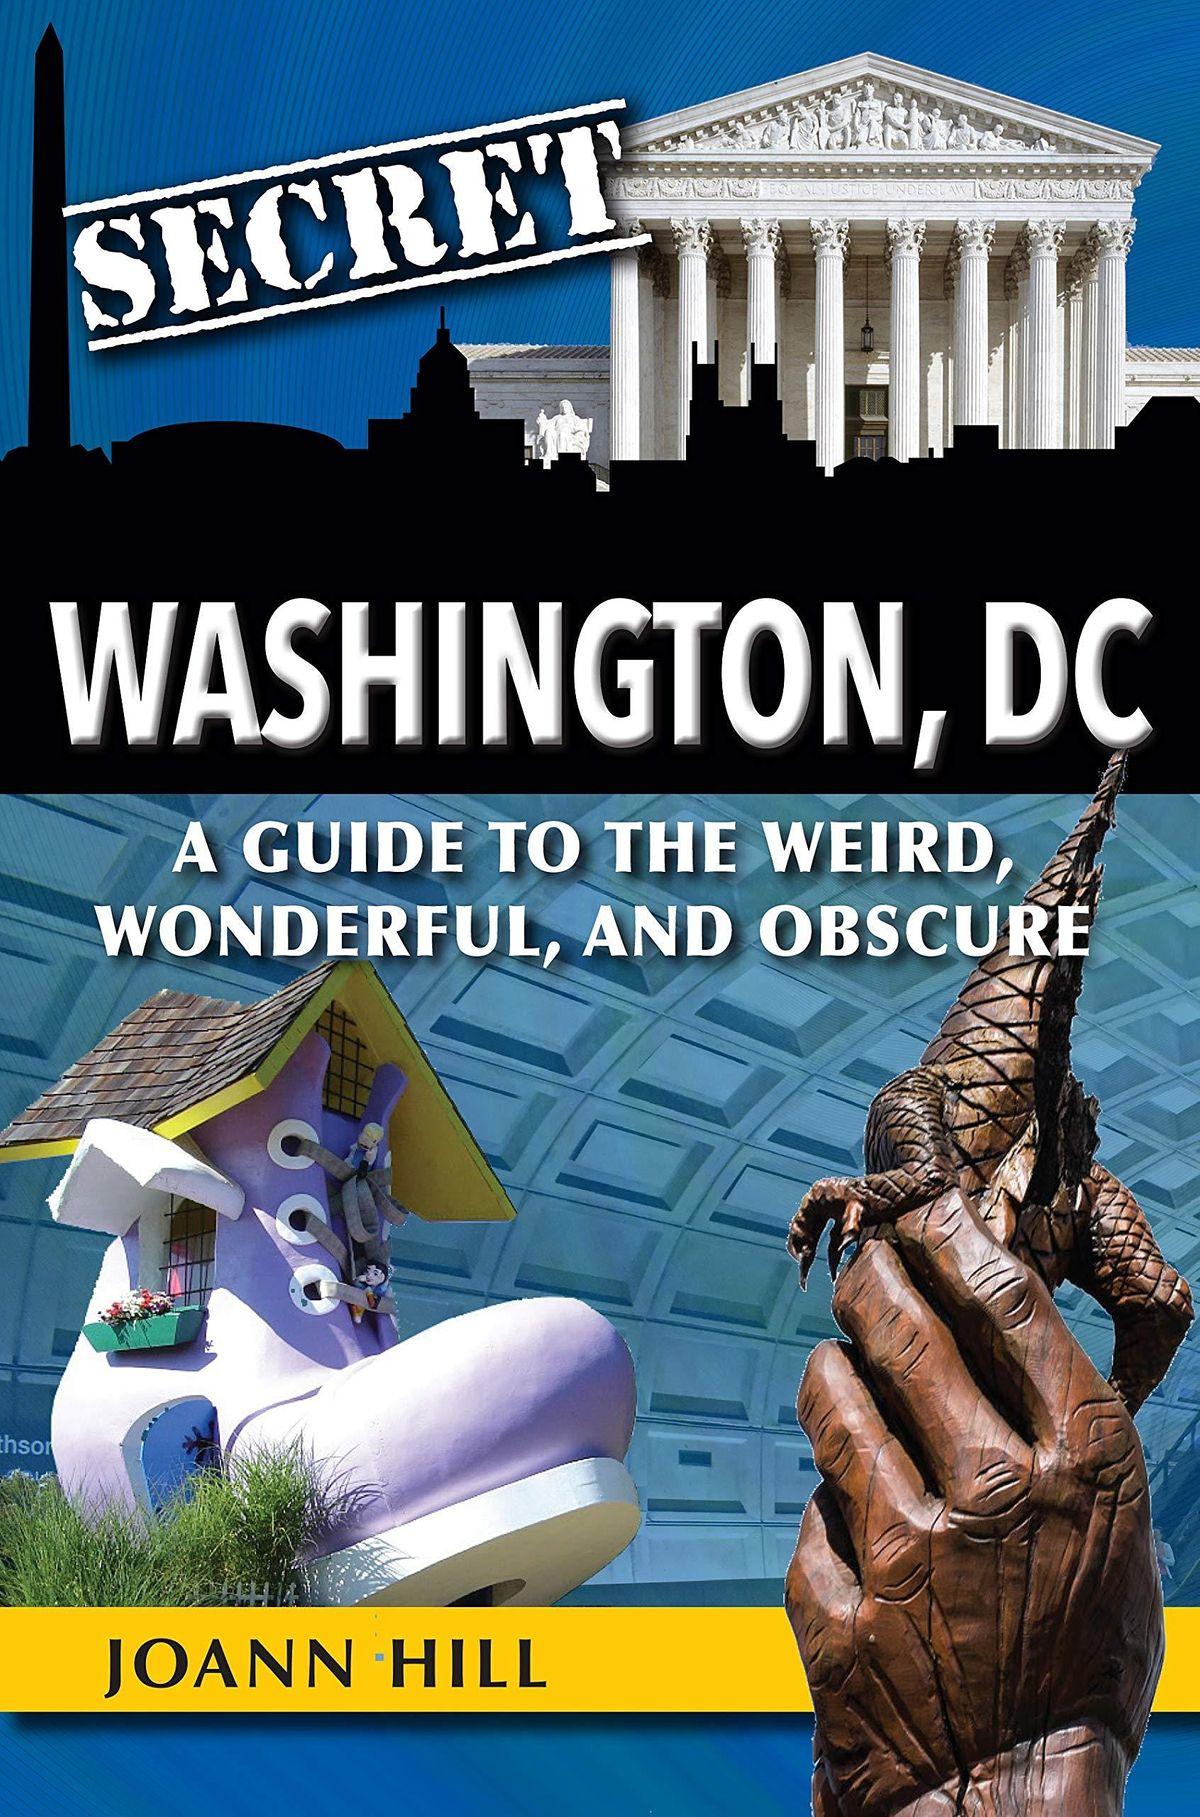 Secret Washington, D.C. w\/ Joann Hill